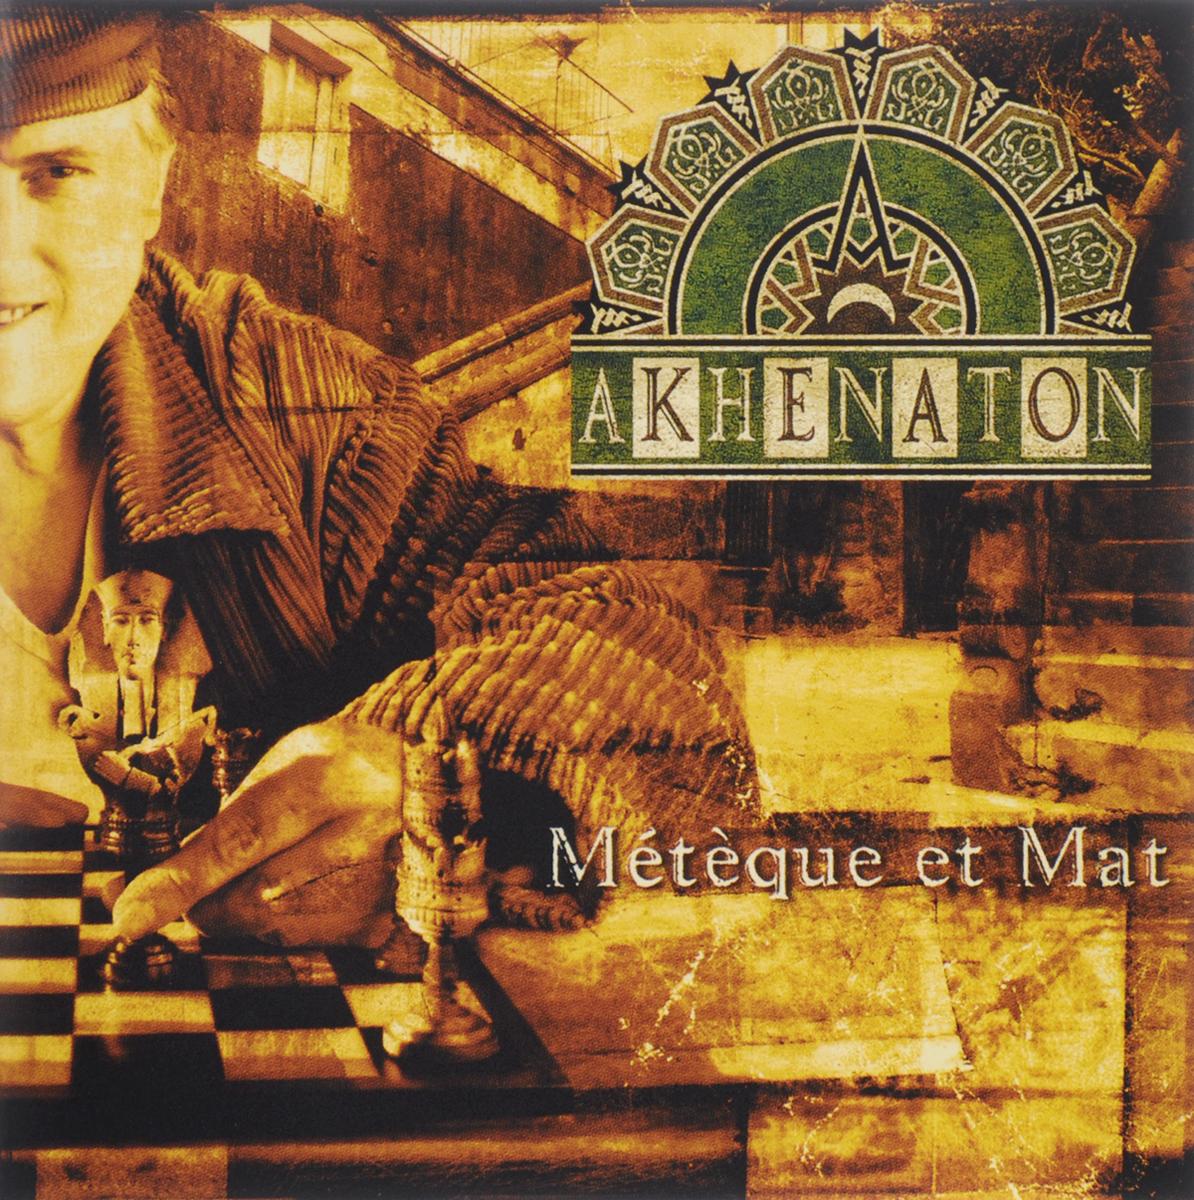 Издание содержит 20-страничный иллюстрированный буклет с текстами песен на французском языке.